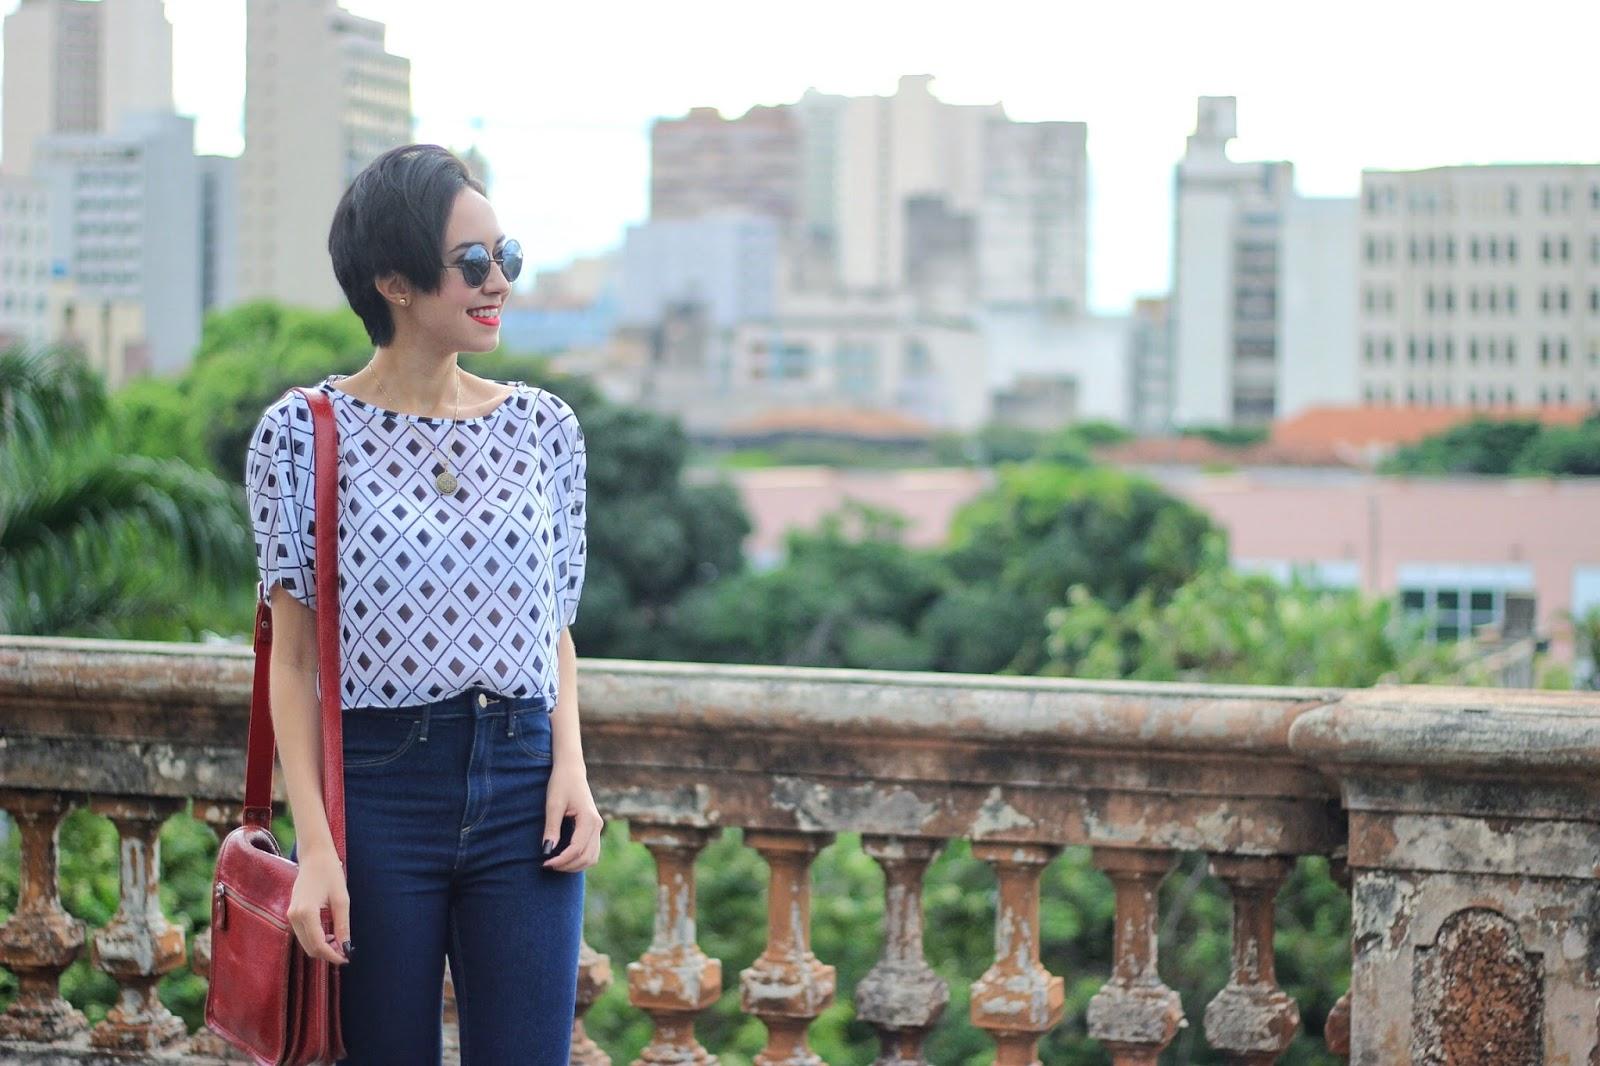 lifesthayle-benfeitoria-look-thayanna-sena-led-jeans.jpg